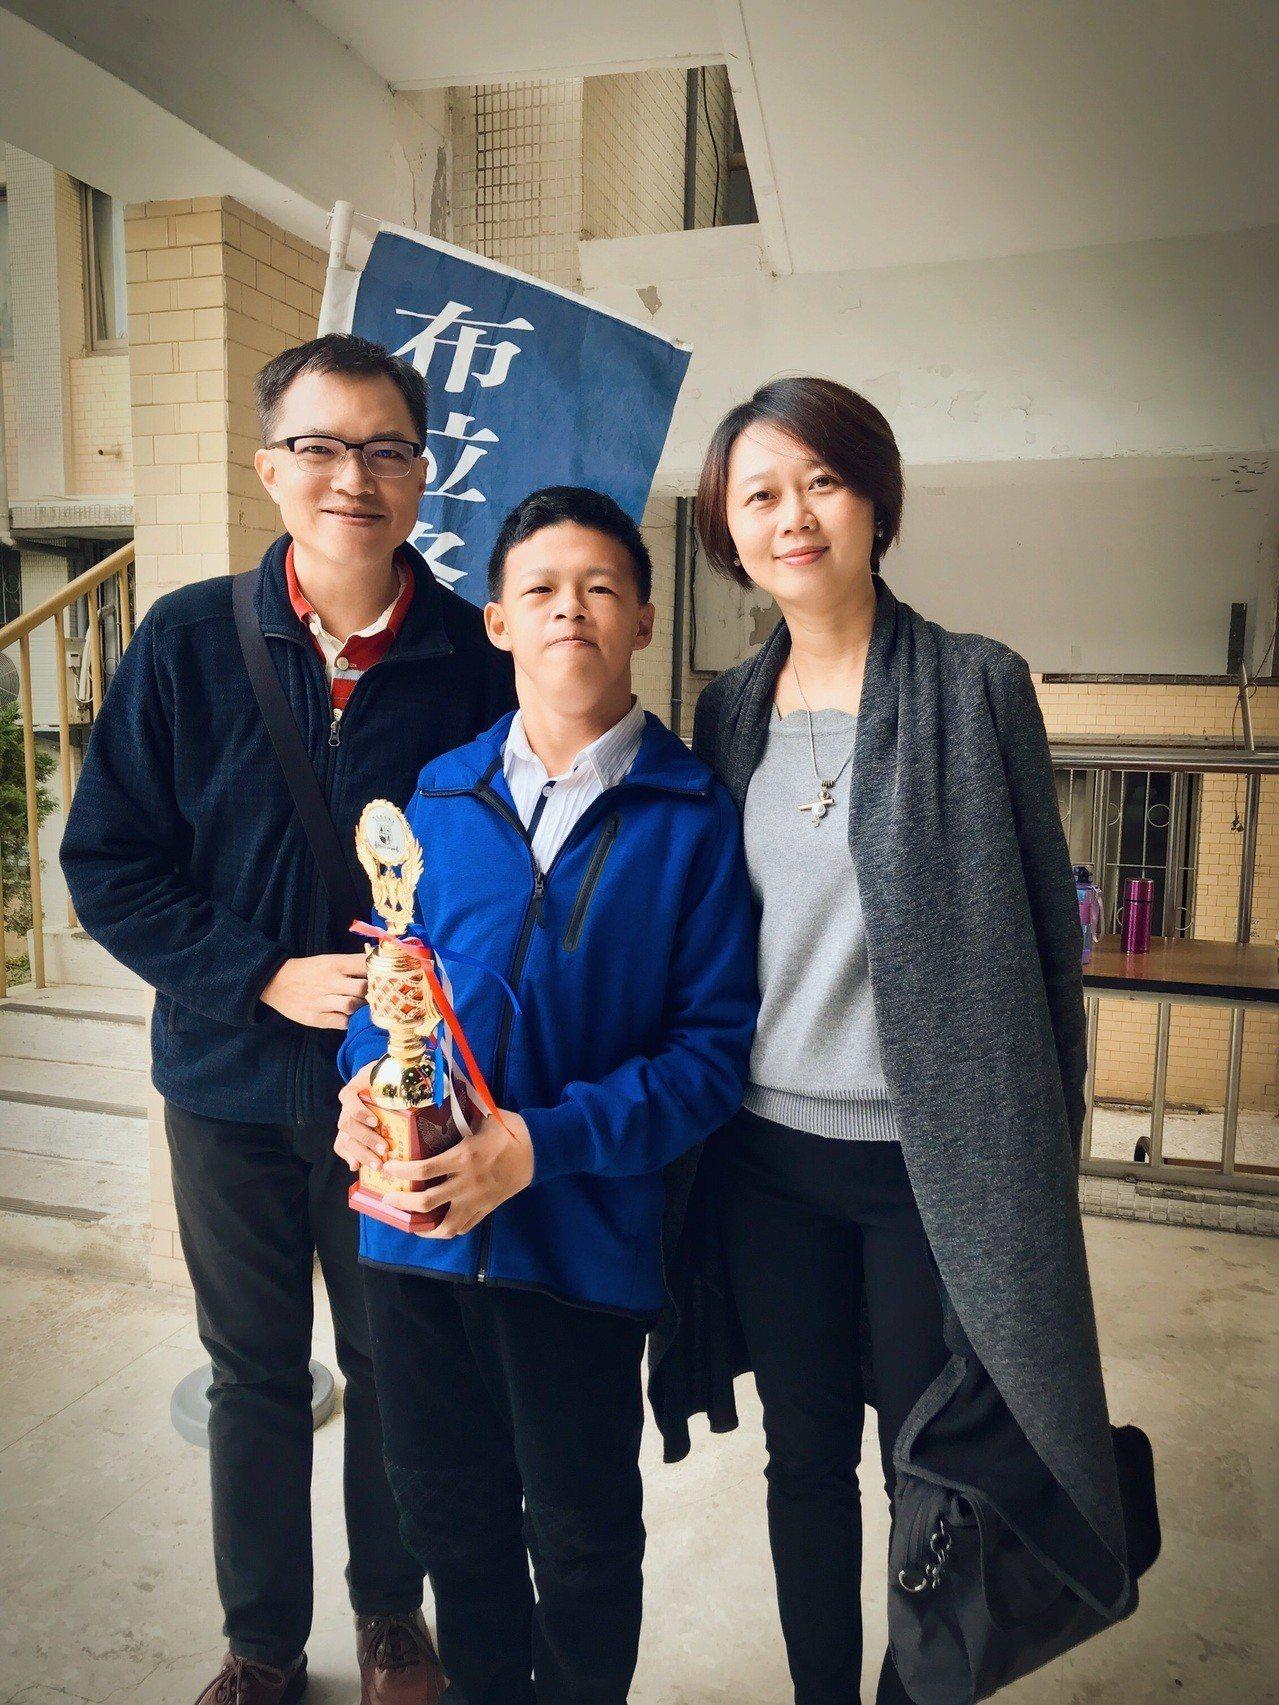 陳彥廷(中)參加布拉格2018年全國音樂大賽榮獲佳作。圖/施佳雯提供